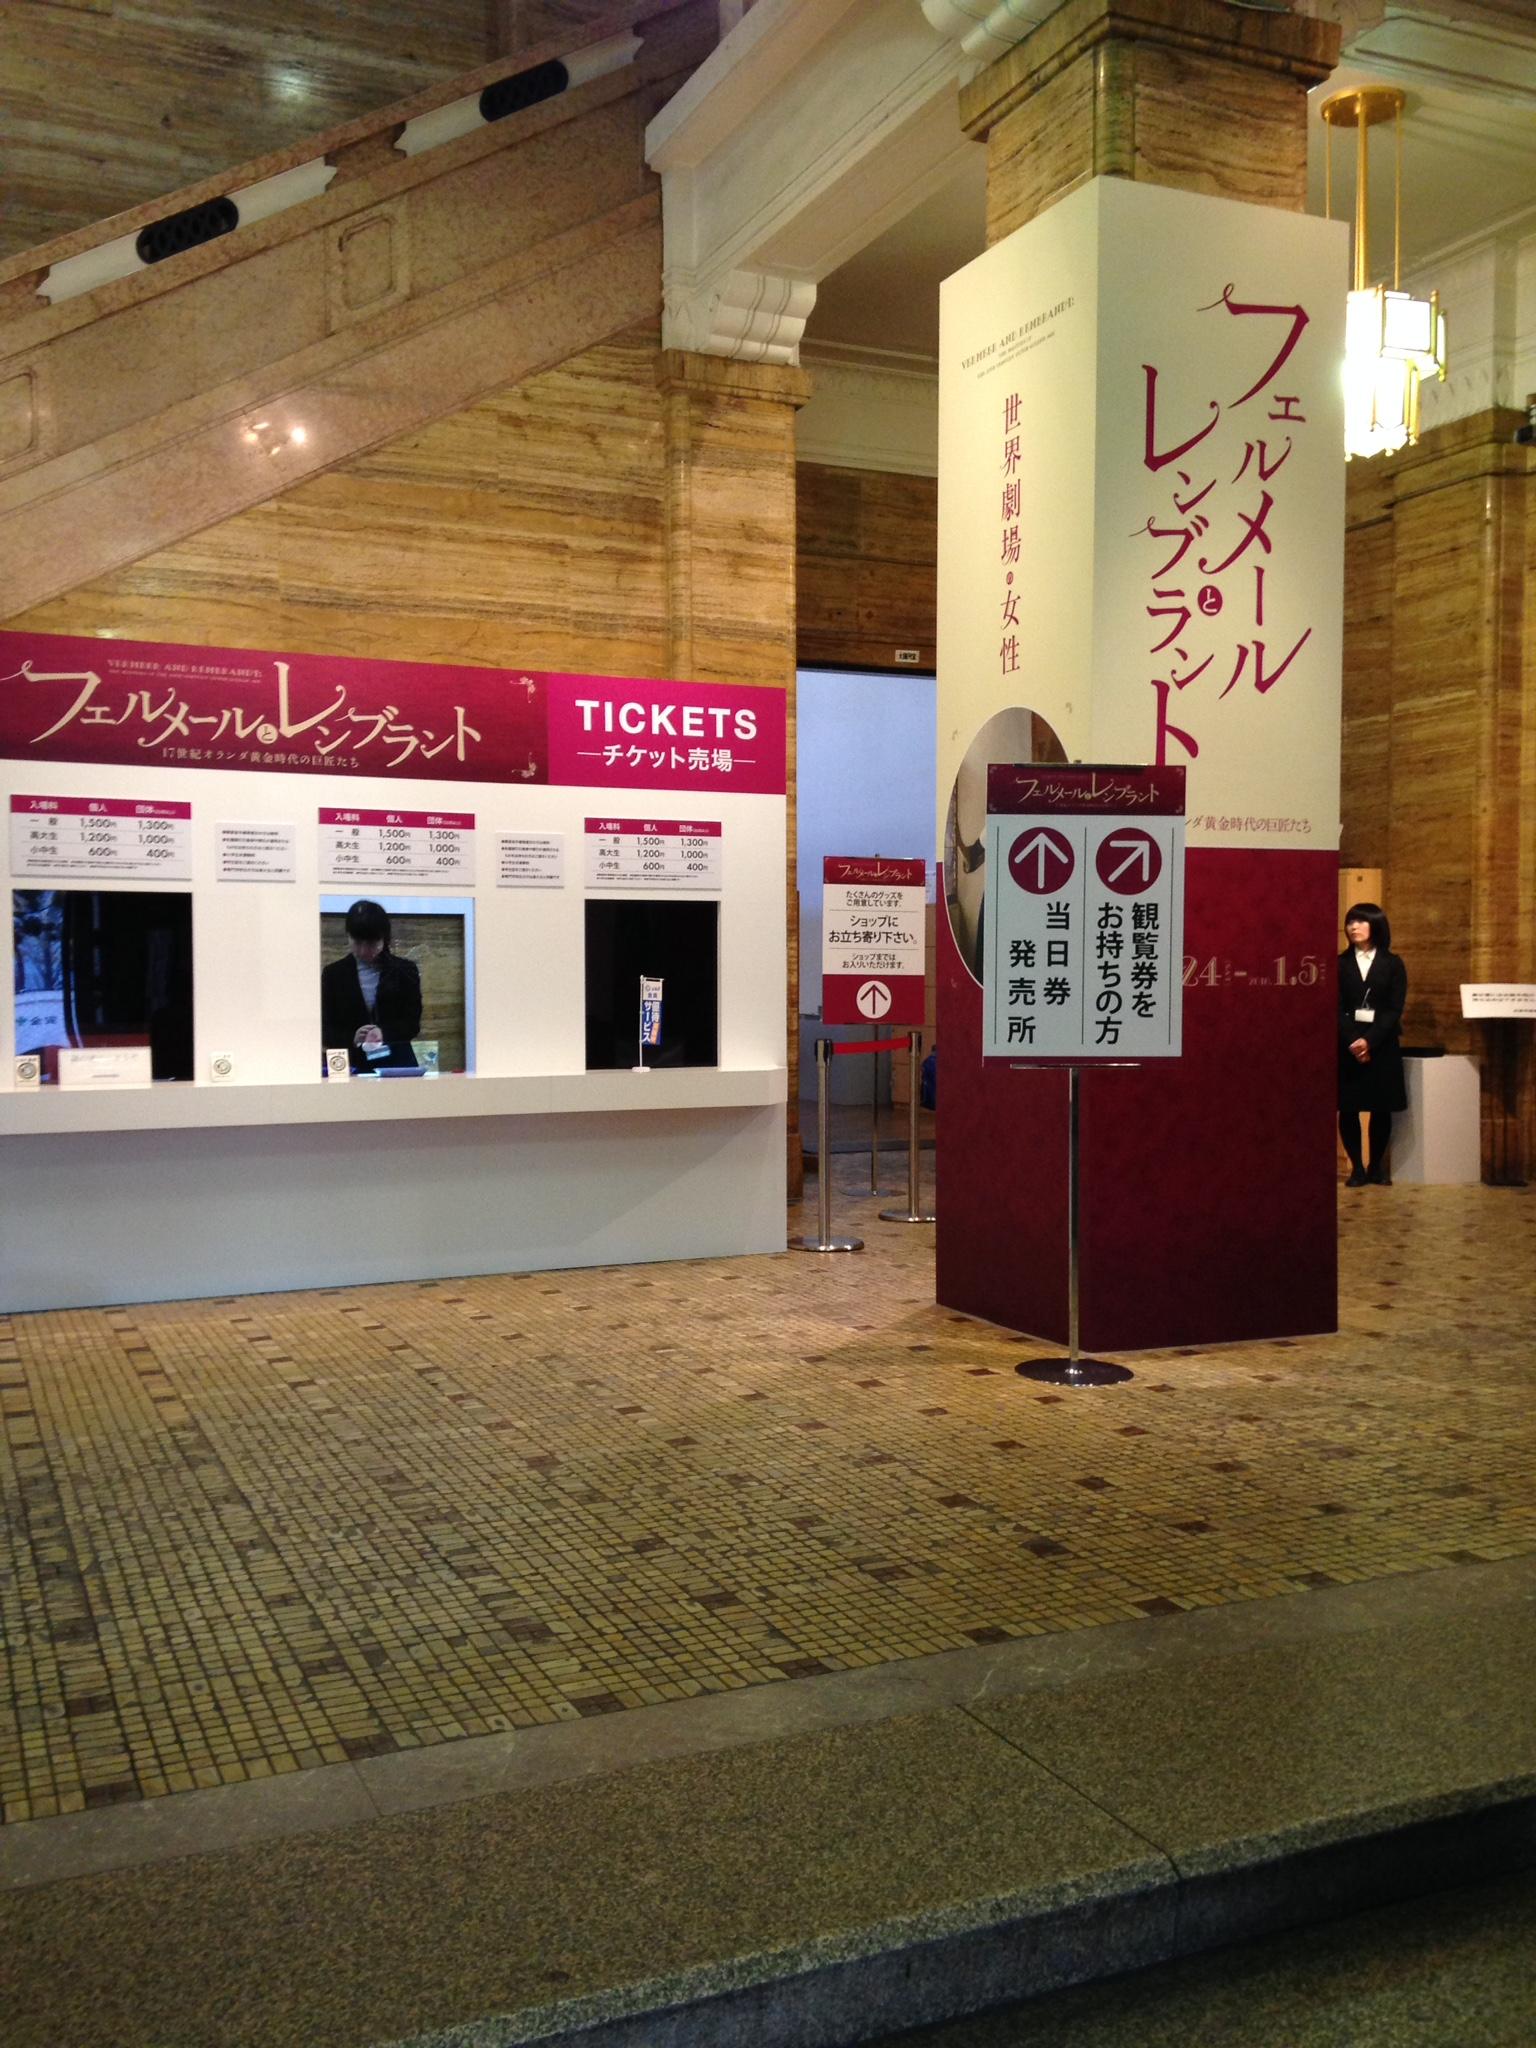 京都市美術館へのアクセス‼京都駅からはバスがオススメ!車は観光シーズンはNG